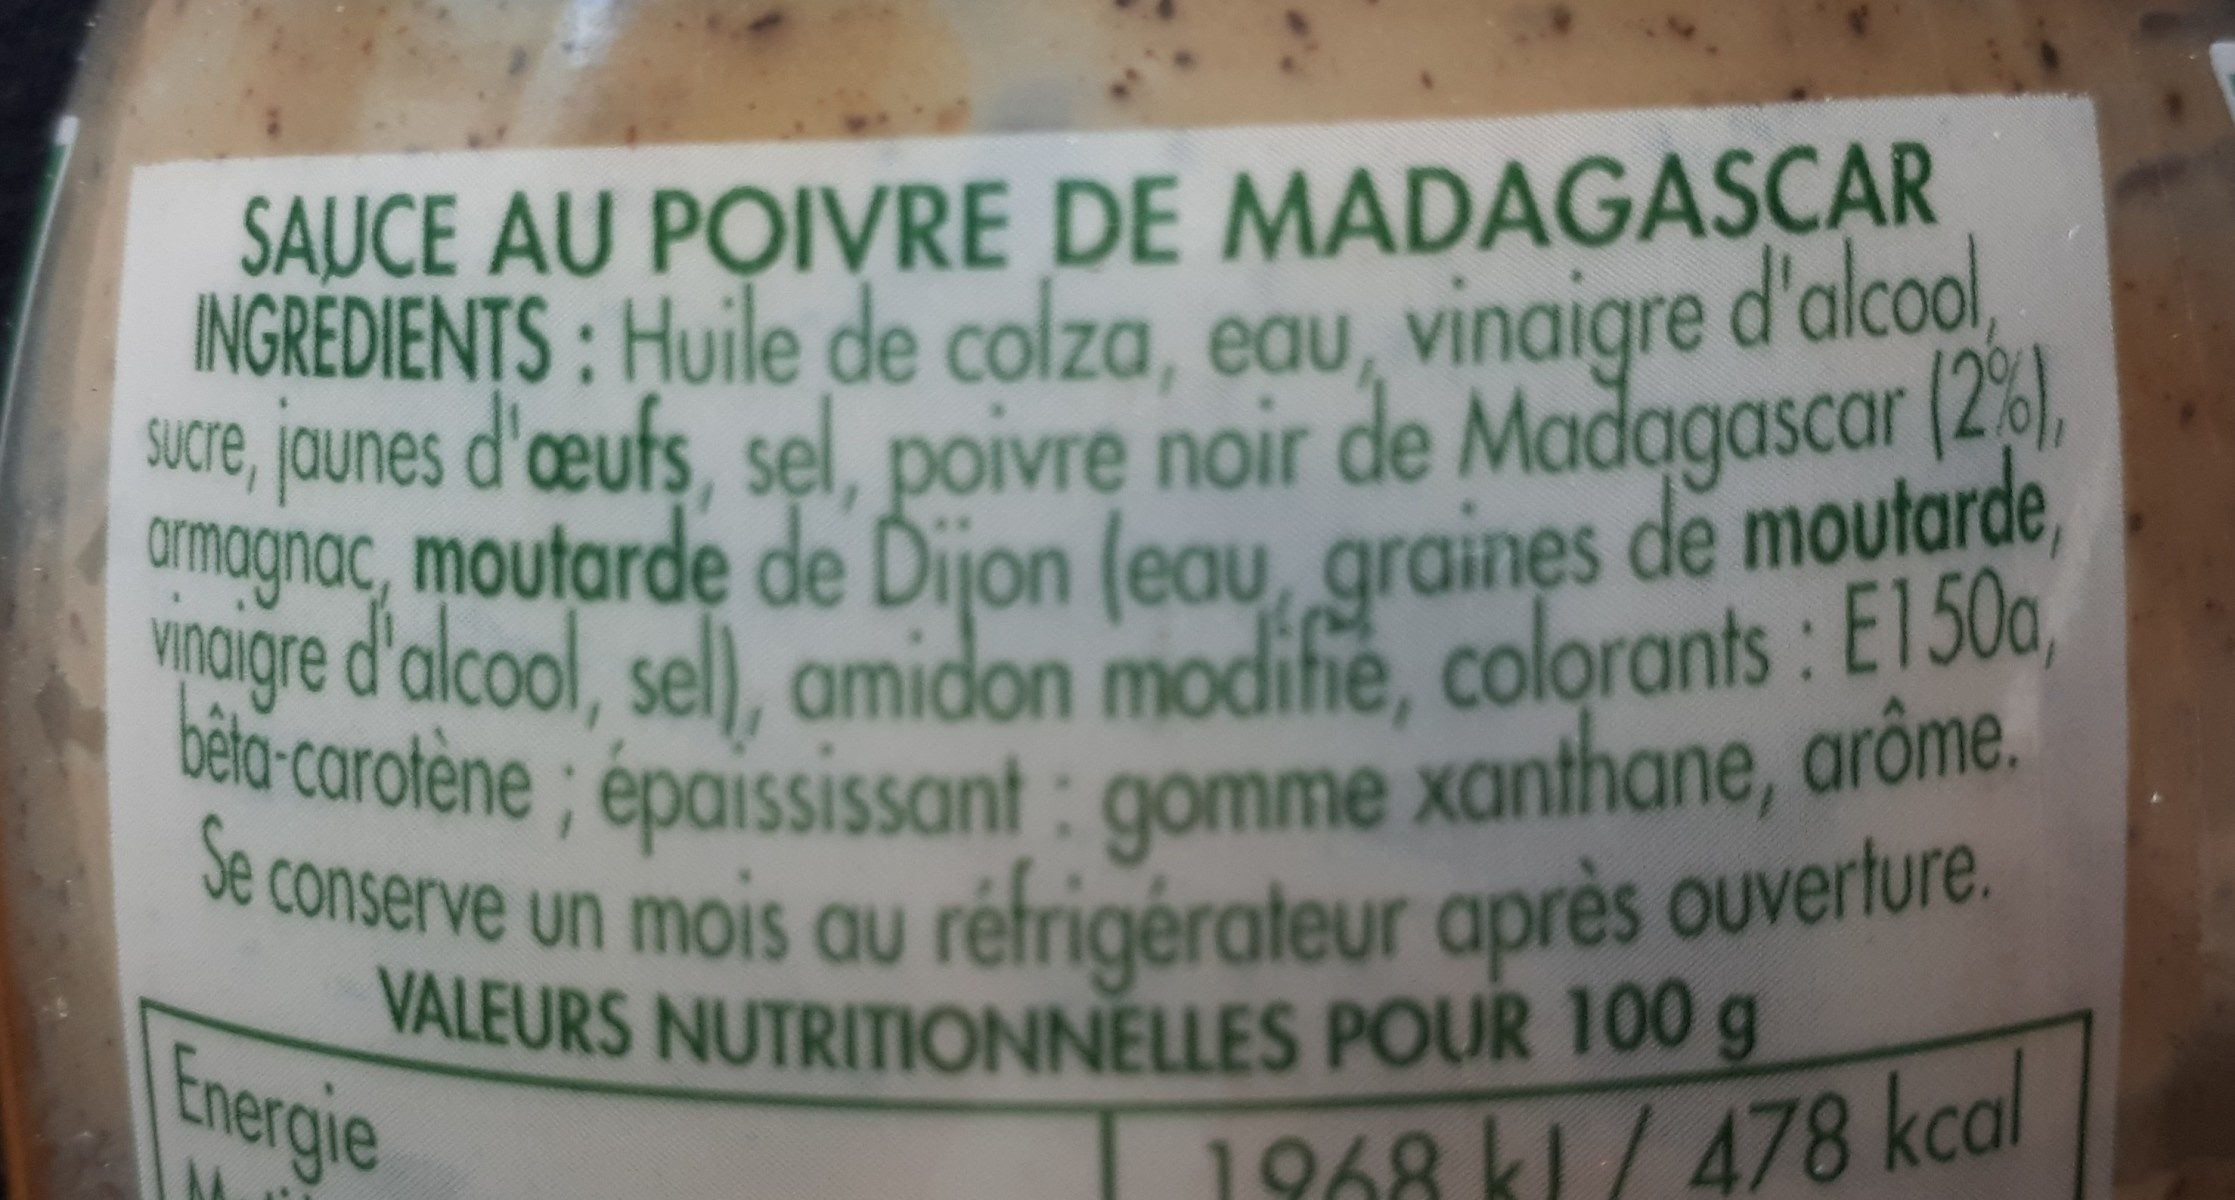 Sauce au poivre - Ingredienti - fr